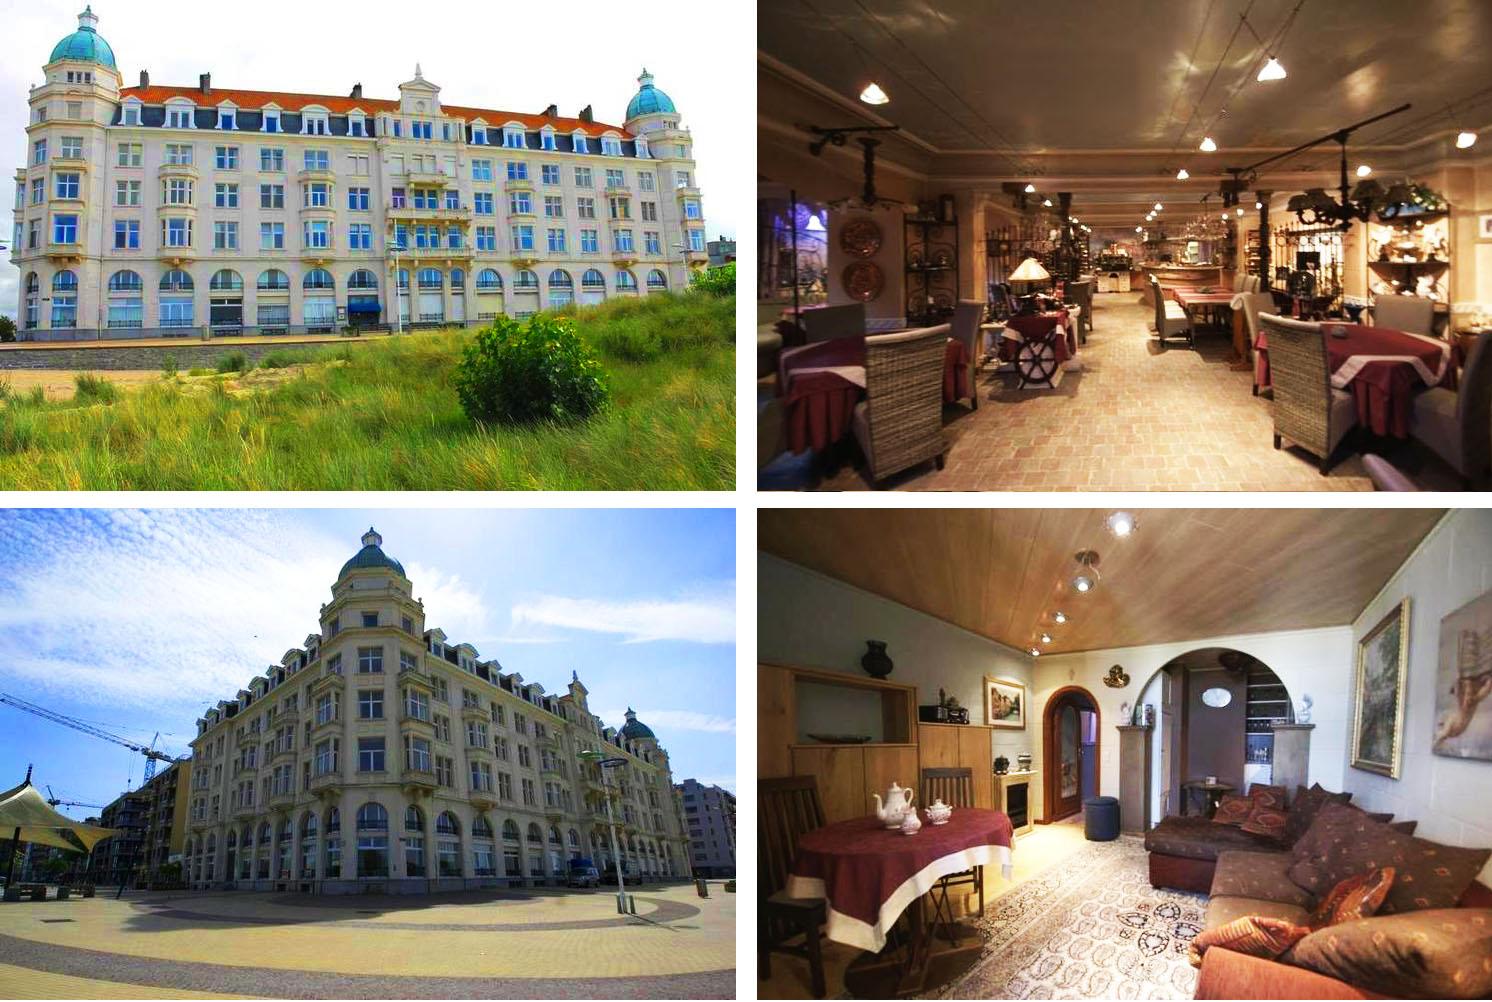 Ресторан, бар и студия на бельгийском побережье